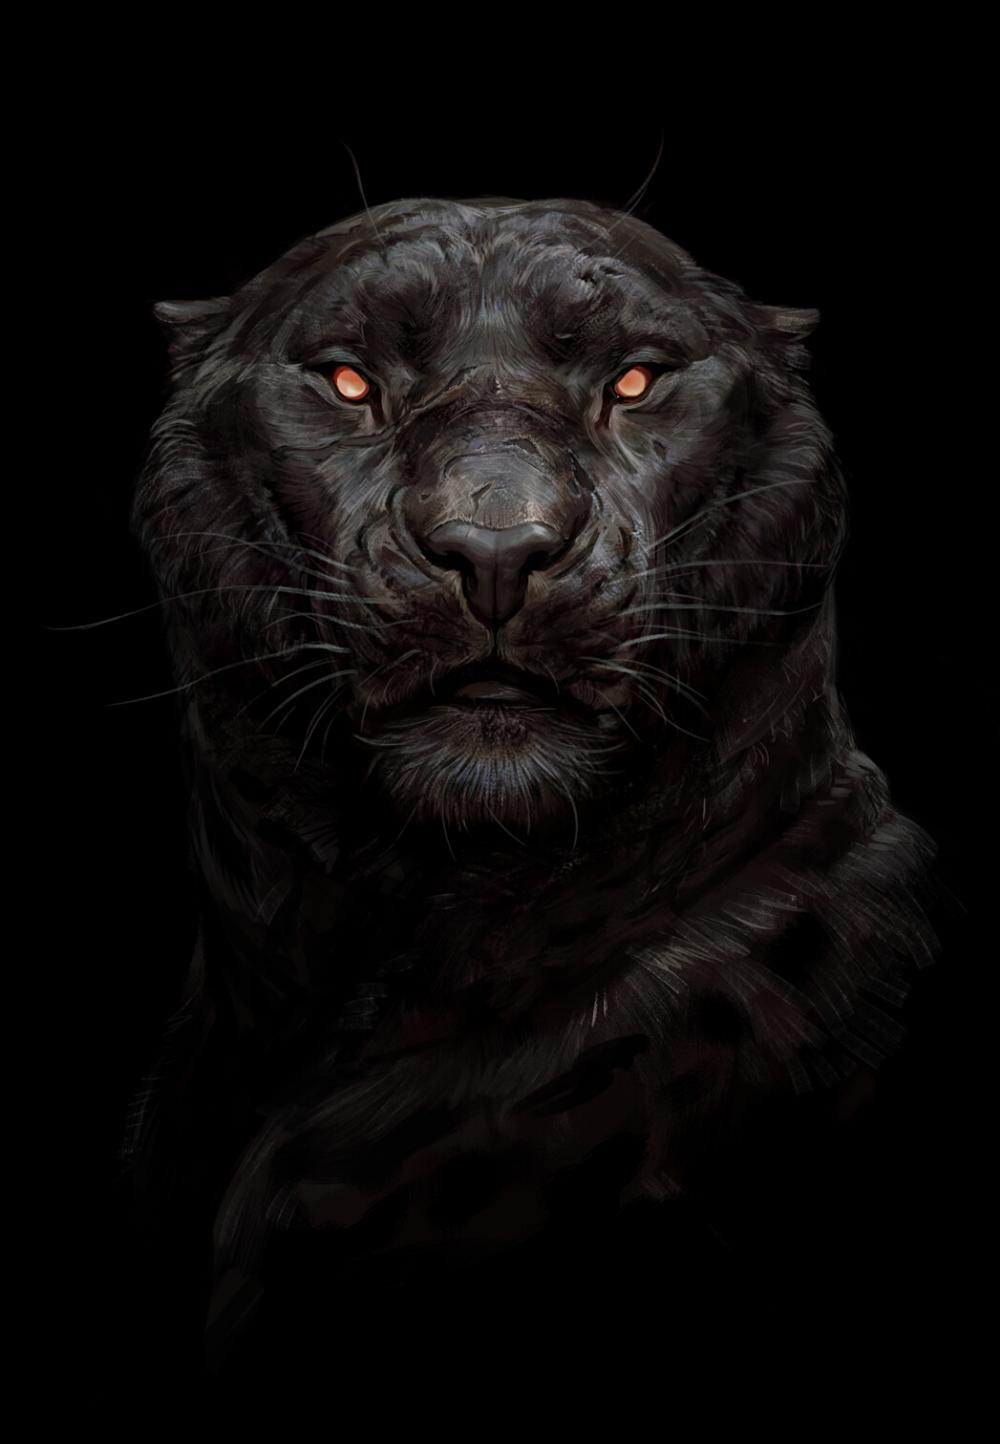 Artstation Panther Maria Zolotukhina Panther Art Panther Wild Animal Wallpaper